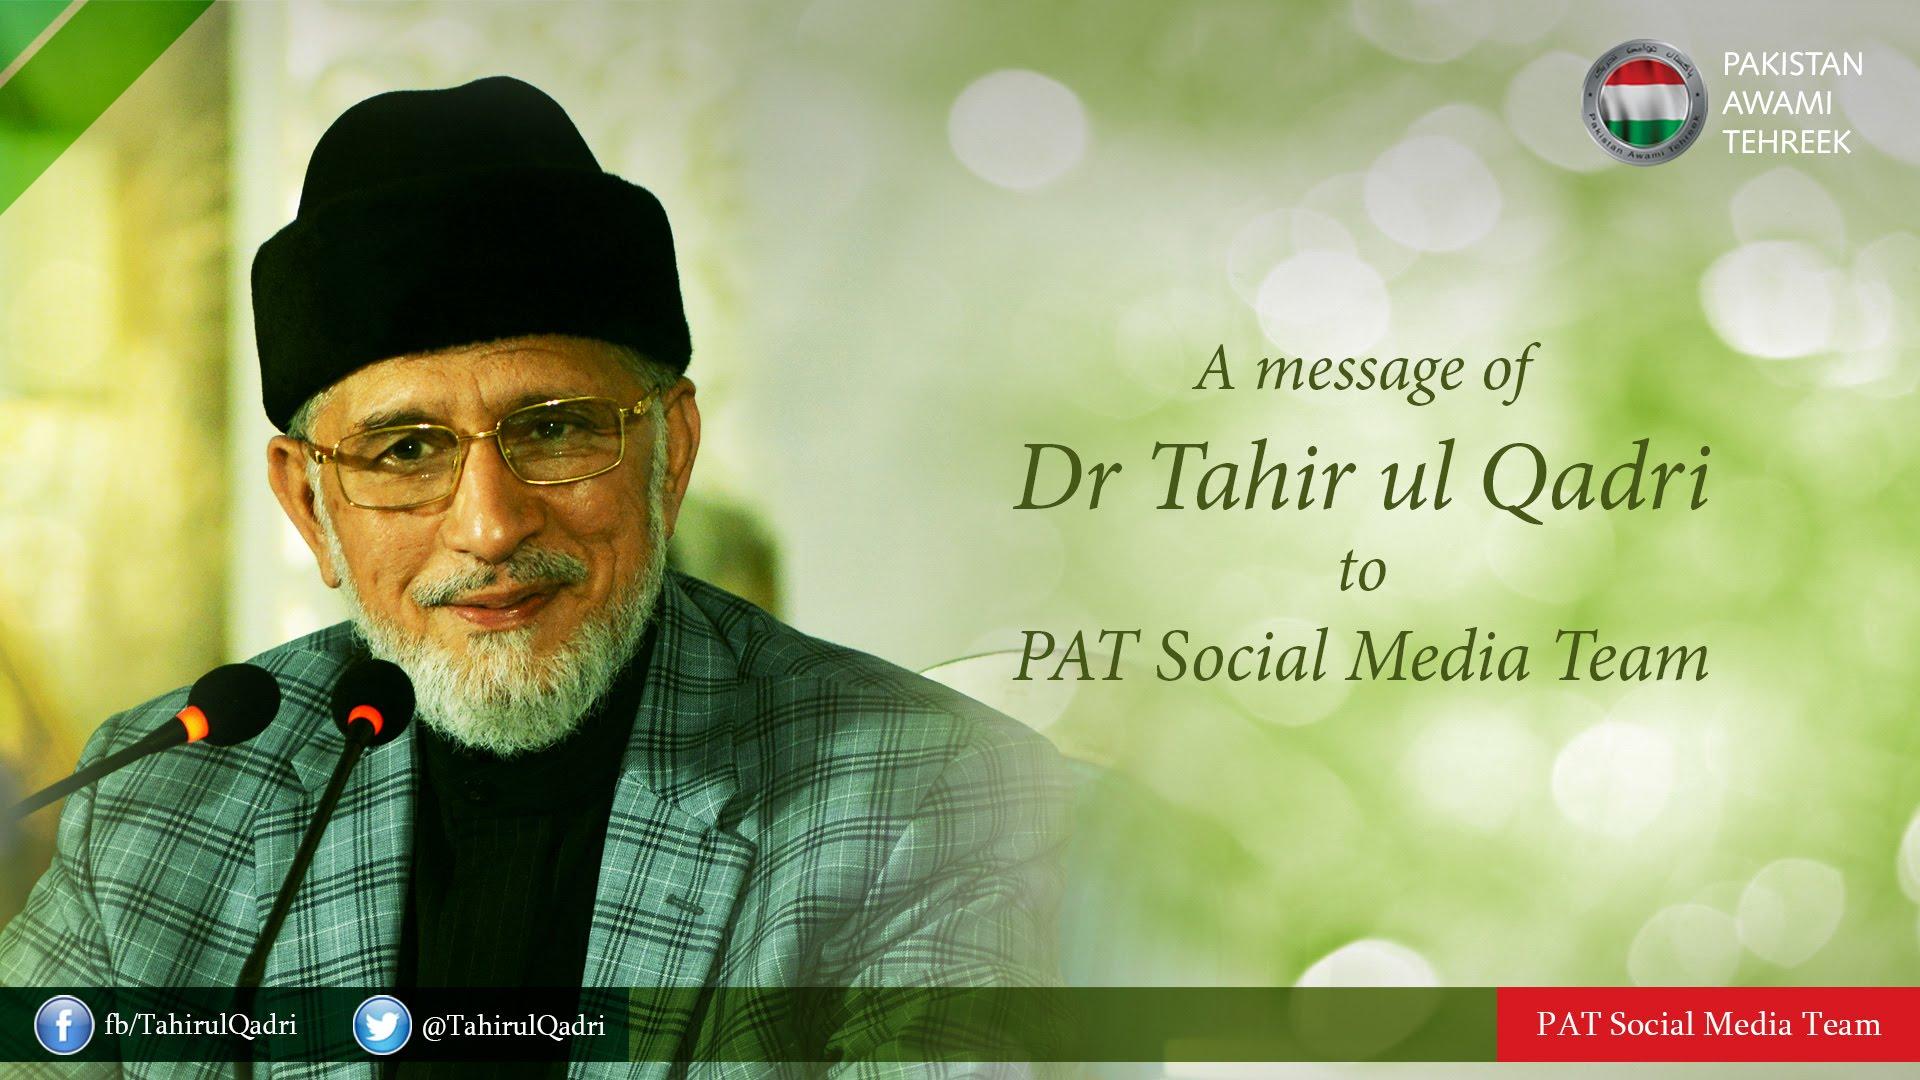 ڈاکٹر طاہرالقادری کا پاکستان عوامی تحریک سوشل میڈیا ٹیم کے لیے پیغام